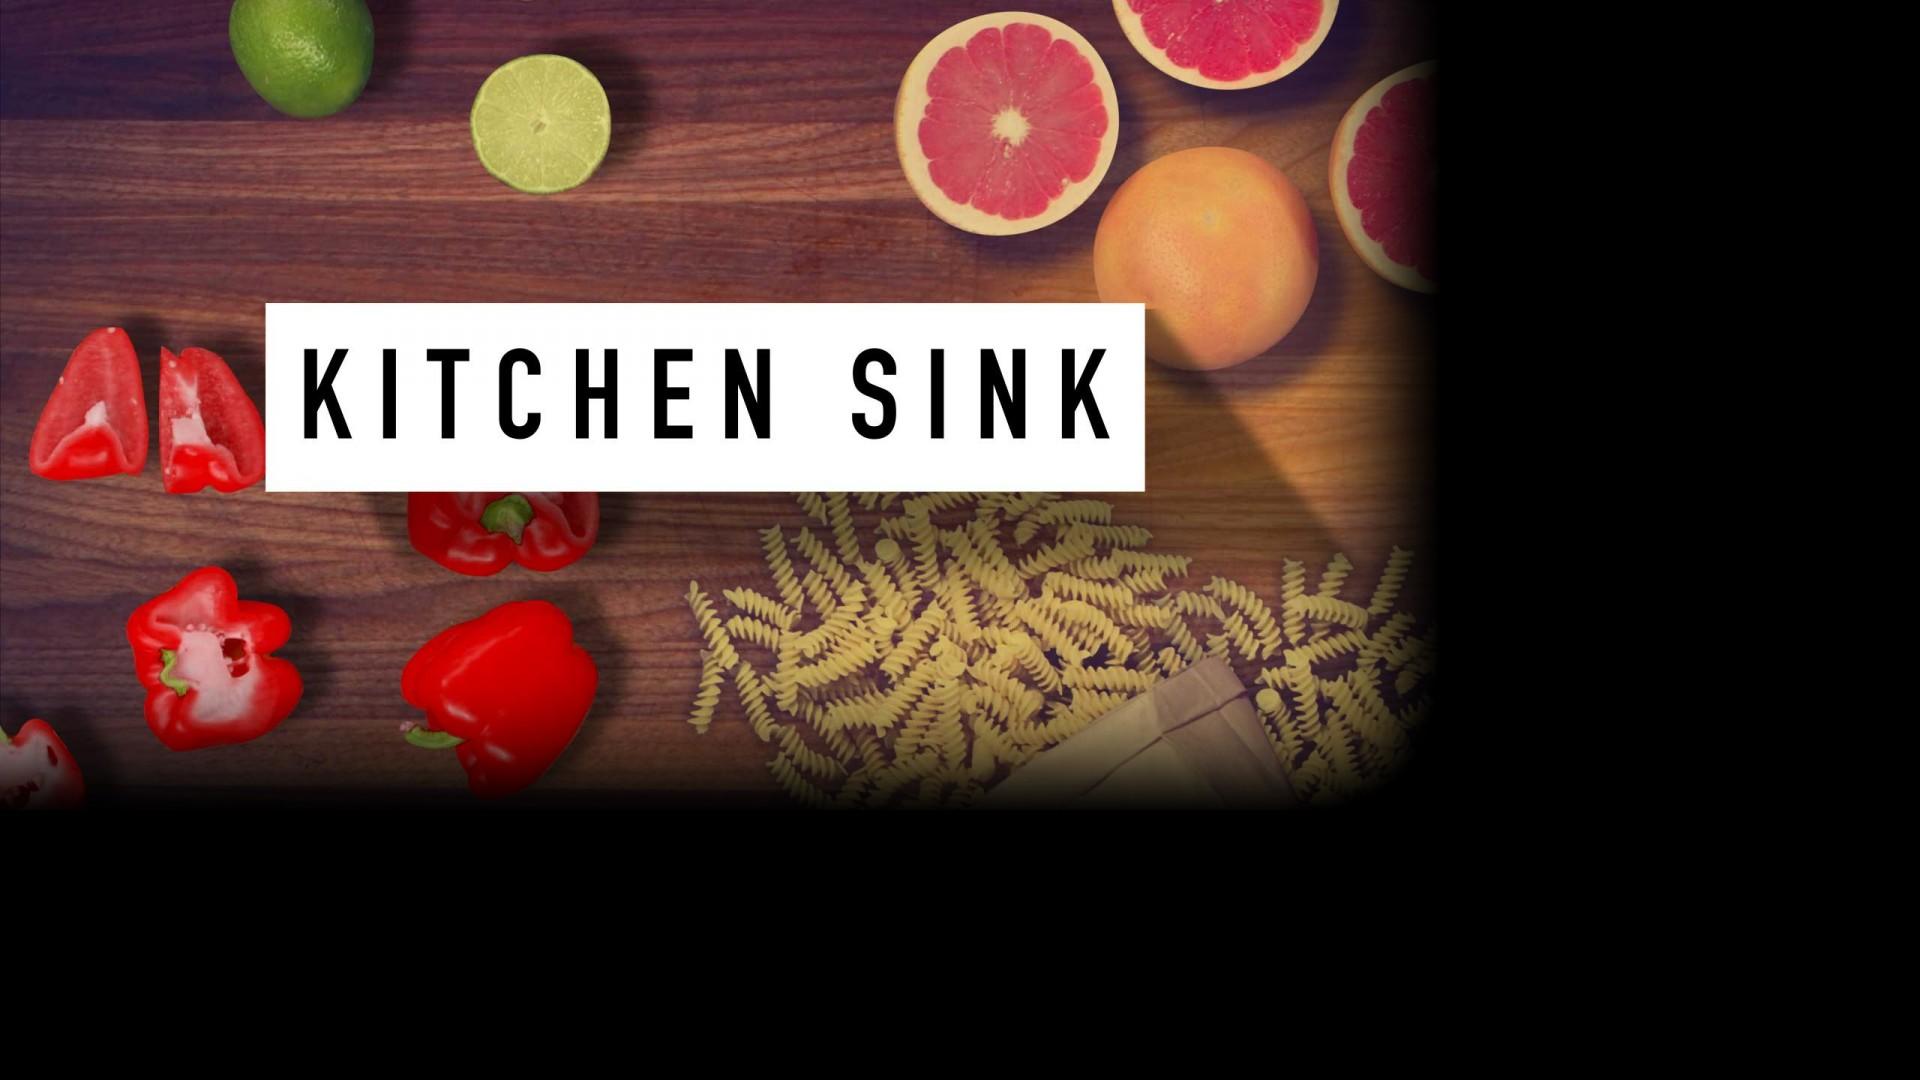 Kitchen Sink Imdb